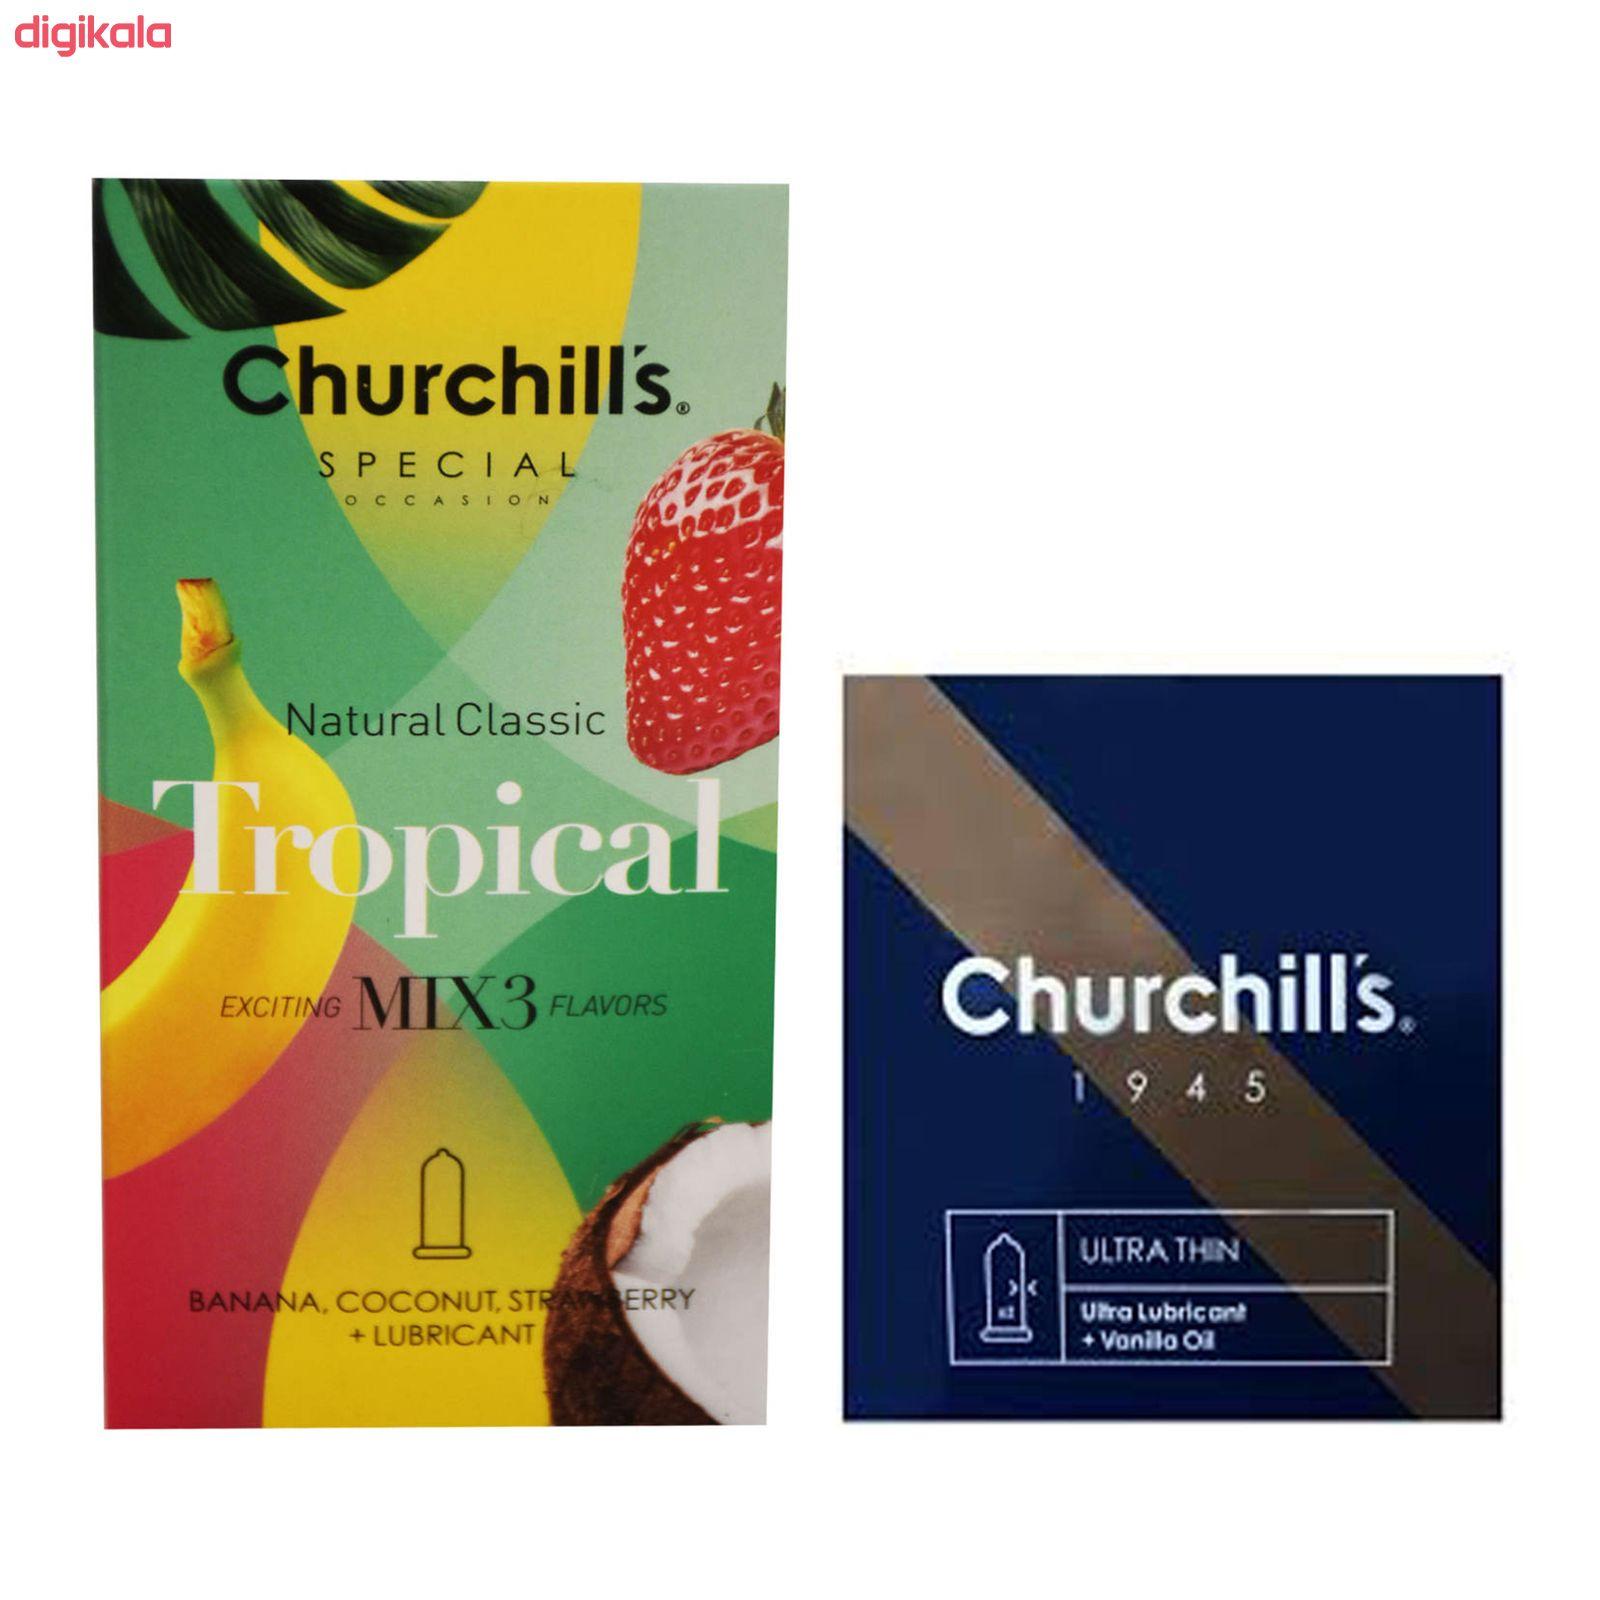 کاندوم چرچیلز مدل Tropical بسته 12 عددی به همراه کاندوم چرچیلز مدل Ultra Lubricant بسته 3 عددی main 1 1